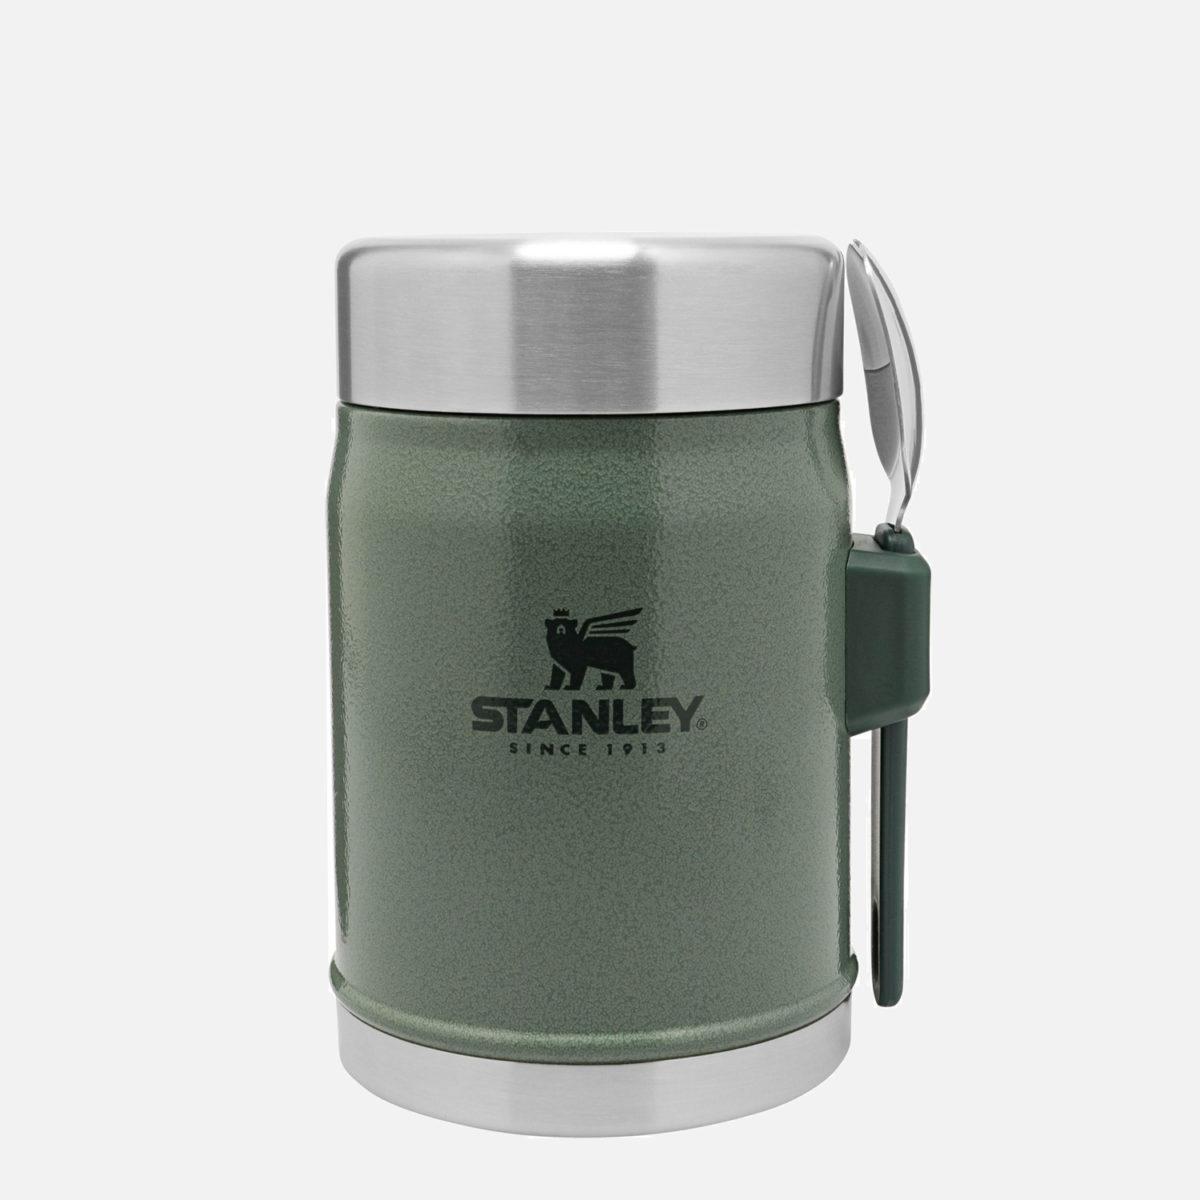 Mattermos från Stanley i 18/8 rostfritt stål med tillhörande spork-bestick